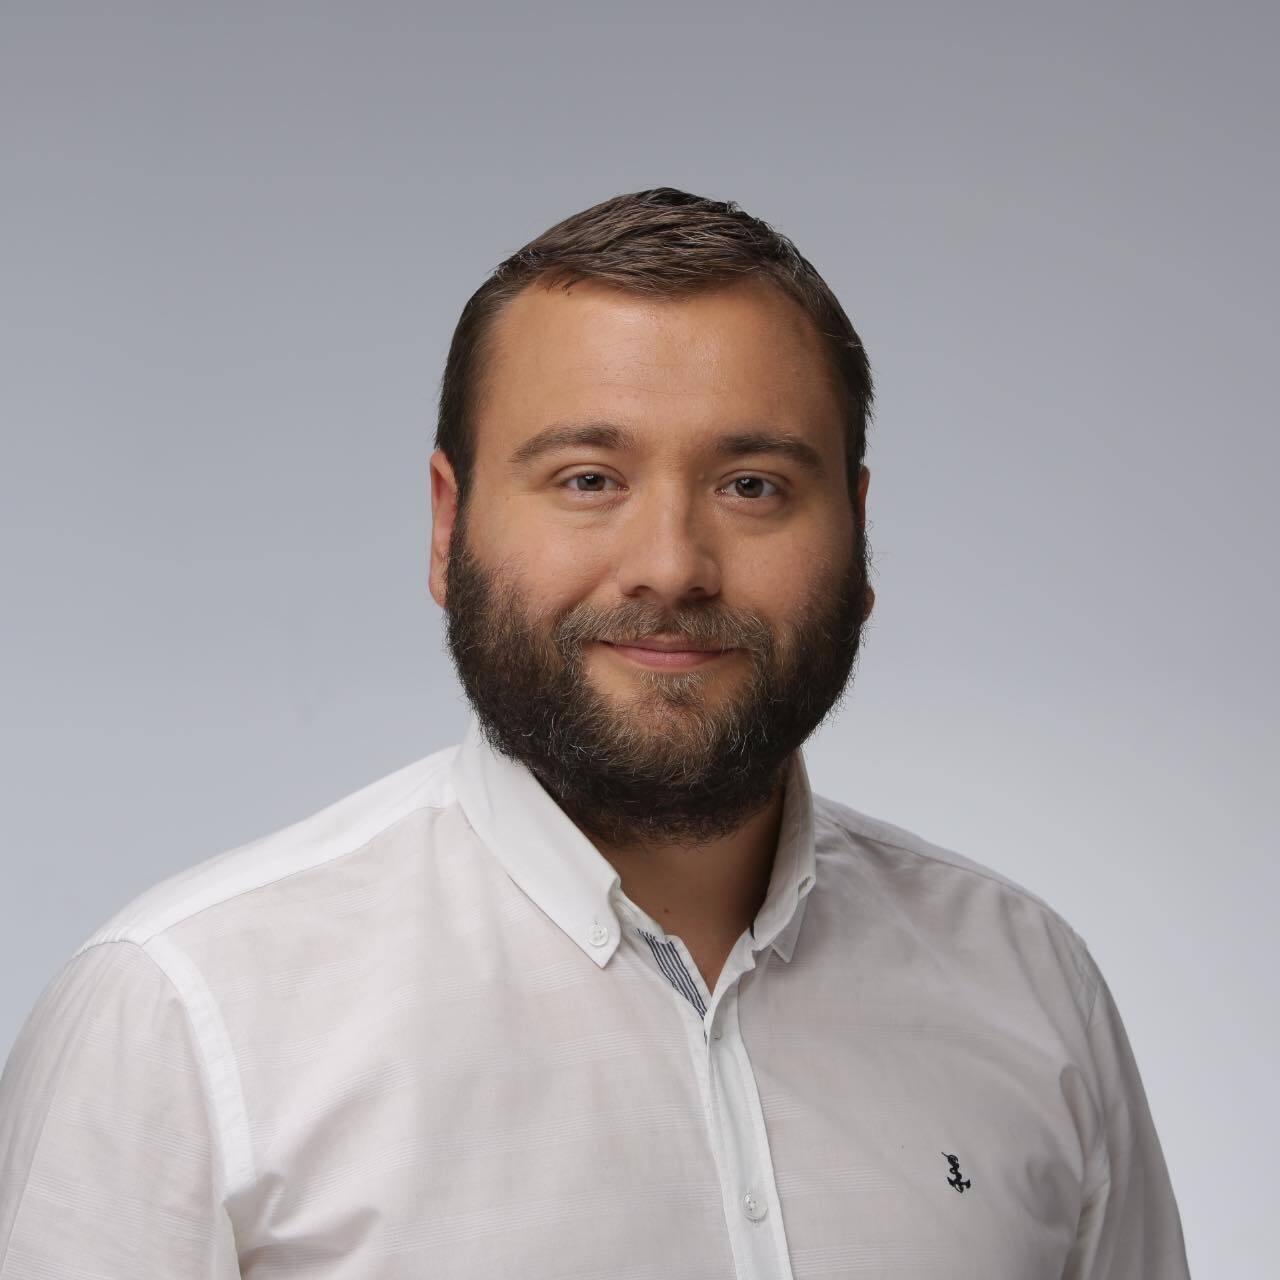 Игорь Черняк идет на выборы от партии экс-главы Харьковской обладминистрации Юлии Светличной